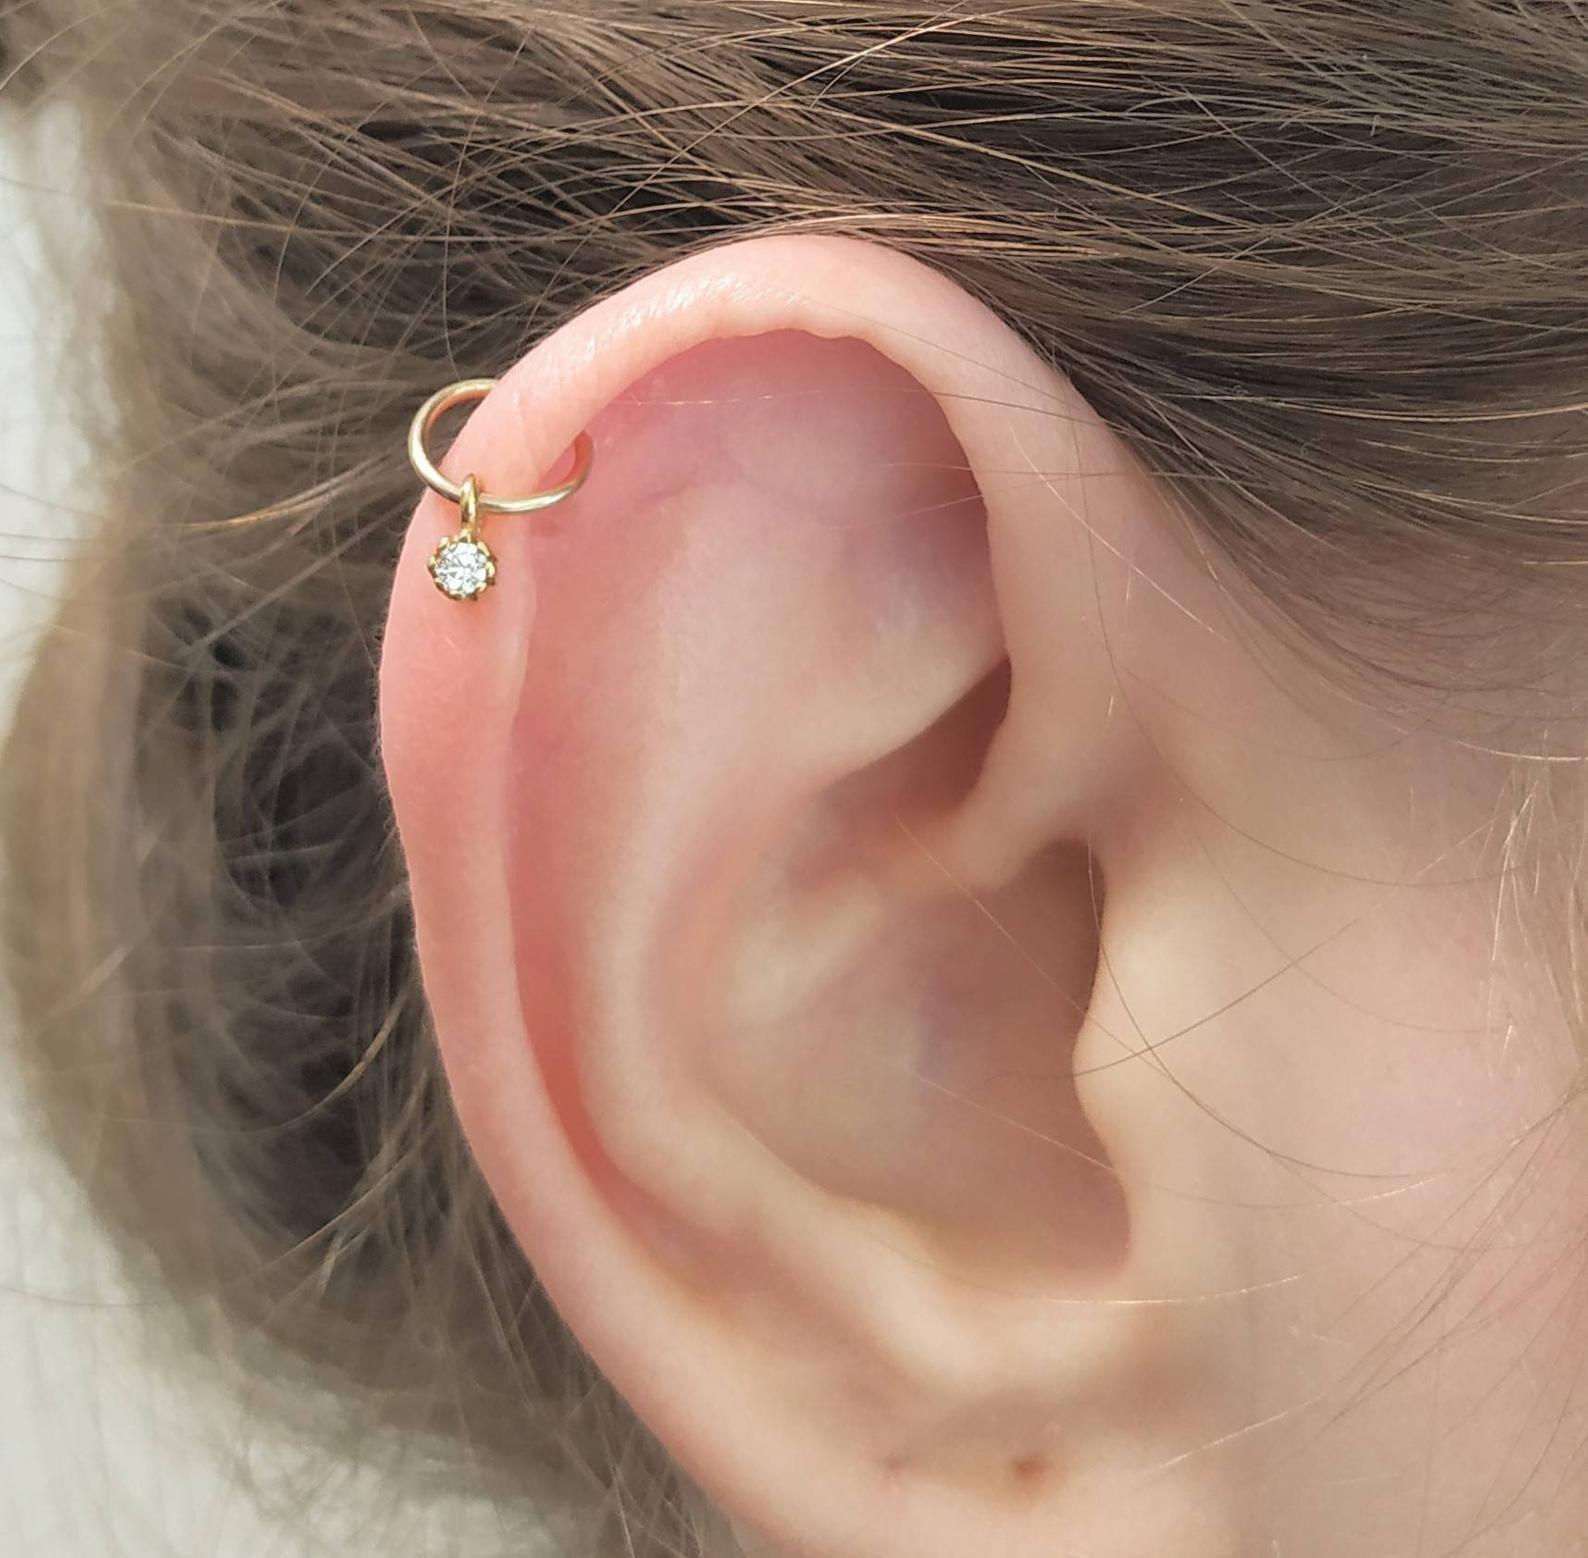 Cartilage Bar Piercing  Upper Ear Silver Helix 5 Amethyst Crystal 1.2 x 6mm New